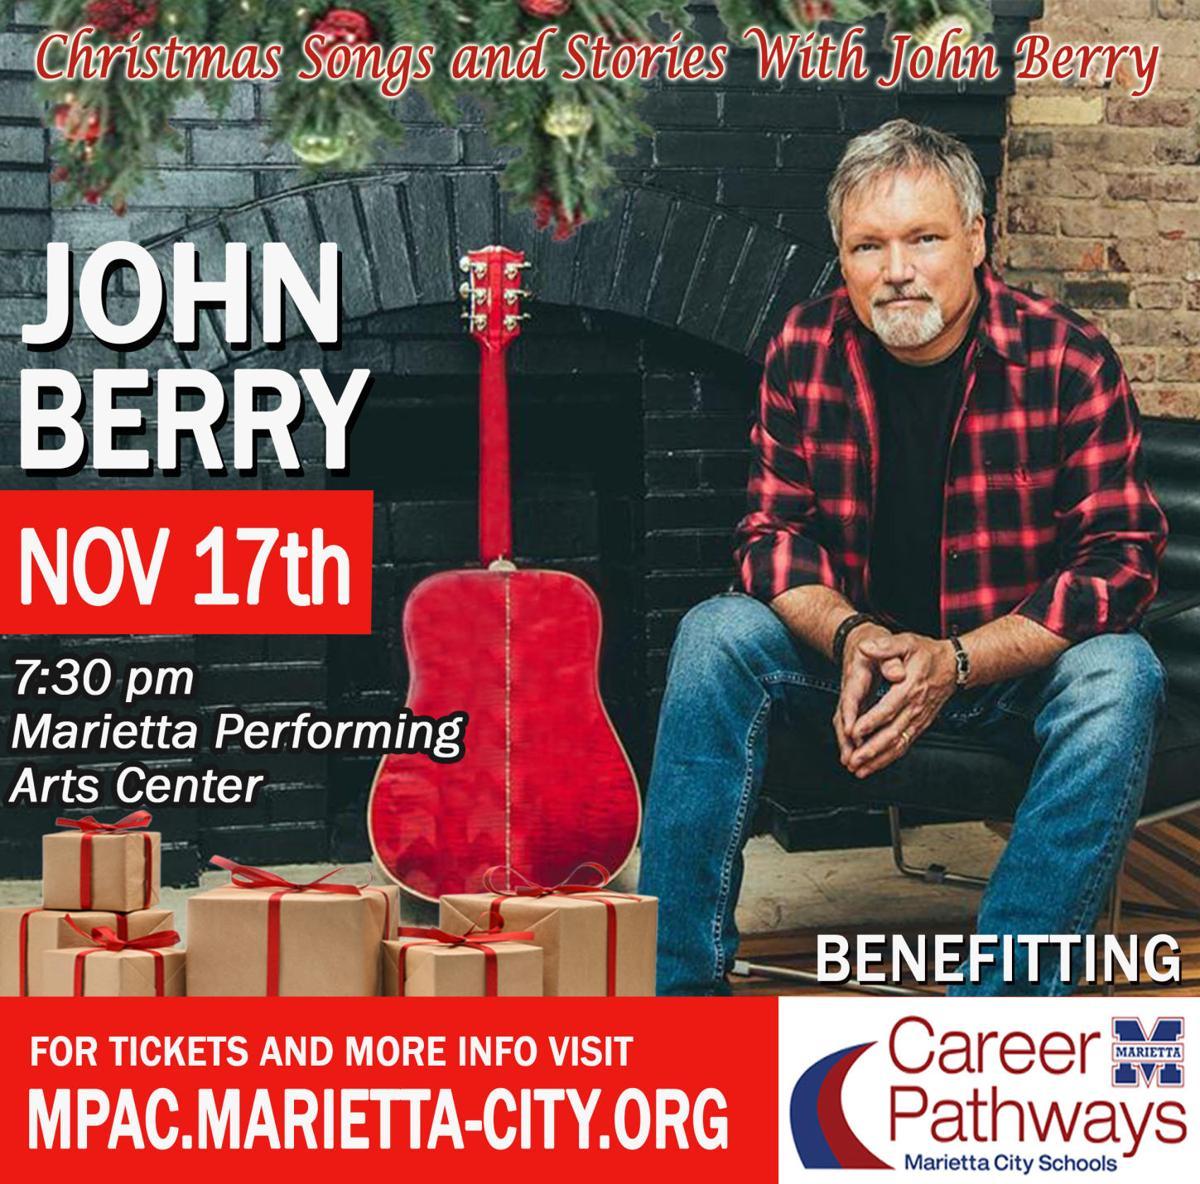 John Berry Christmas concert set for Nov. 17 | News | mdjonline.com